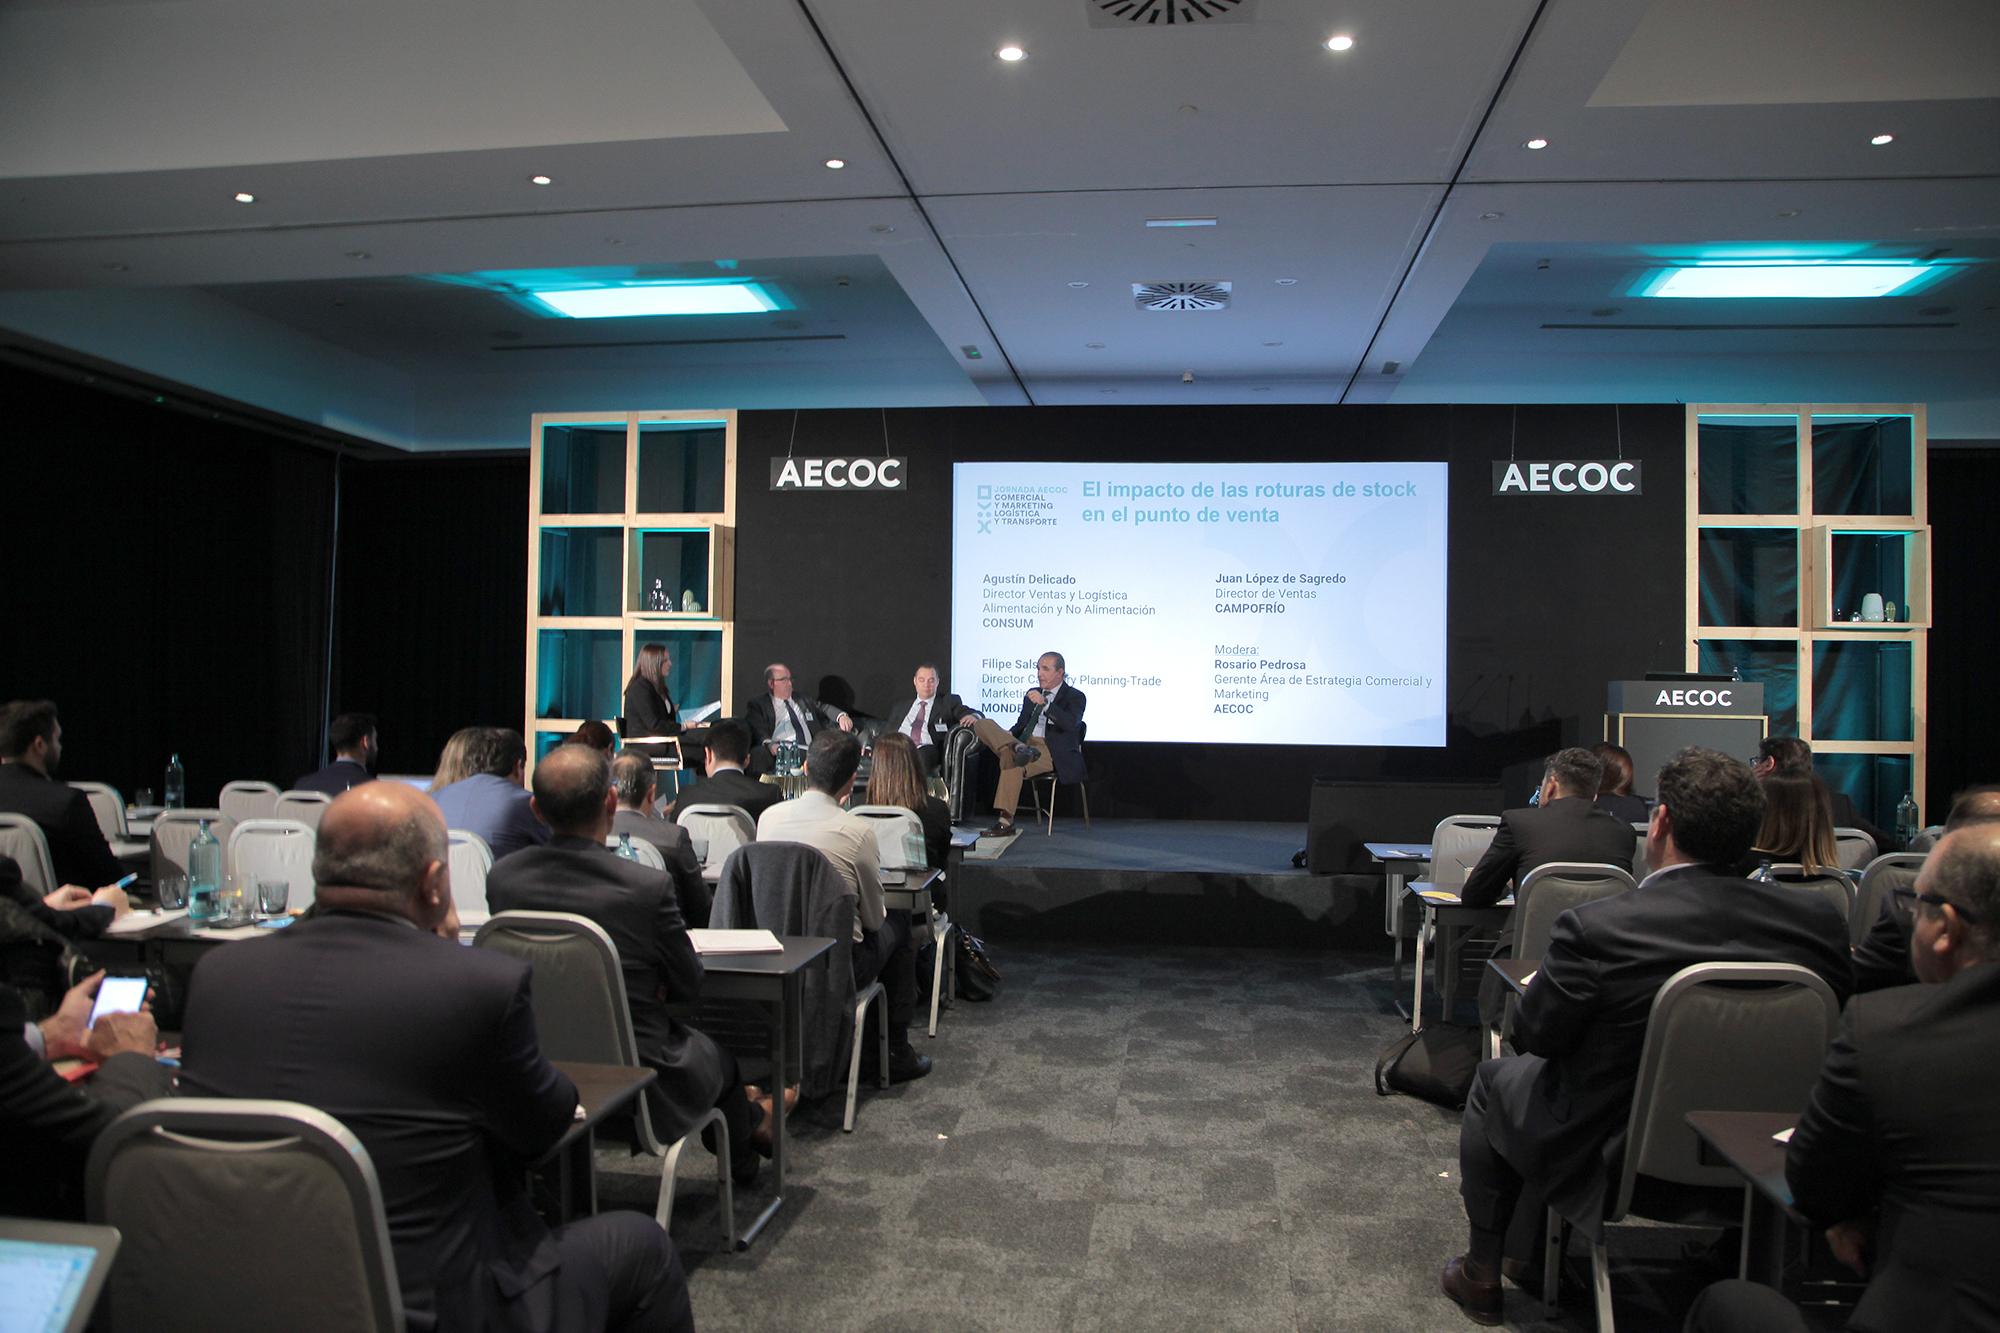 AECOC presenta el Barómetro OSA para combatir la rotura de stock